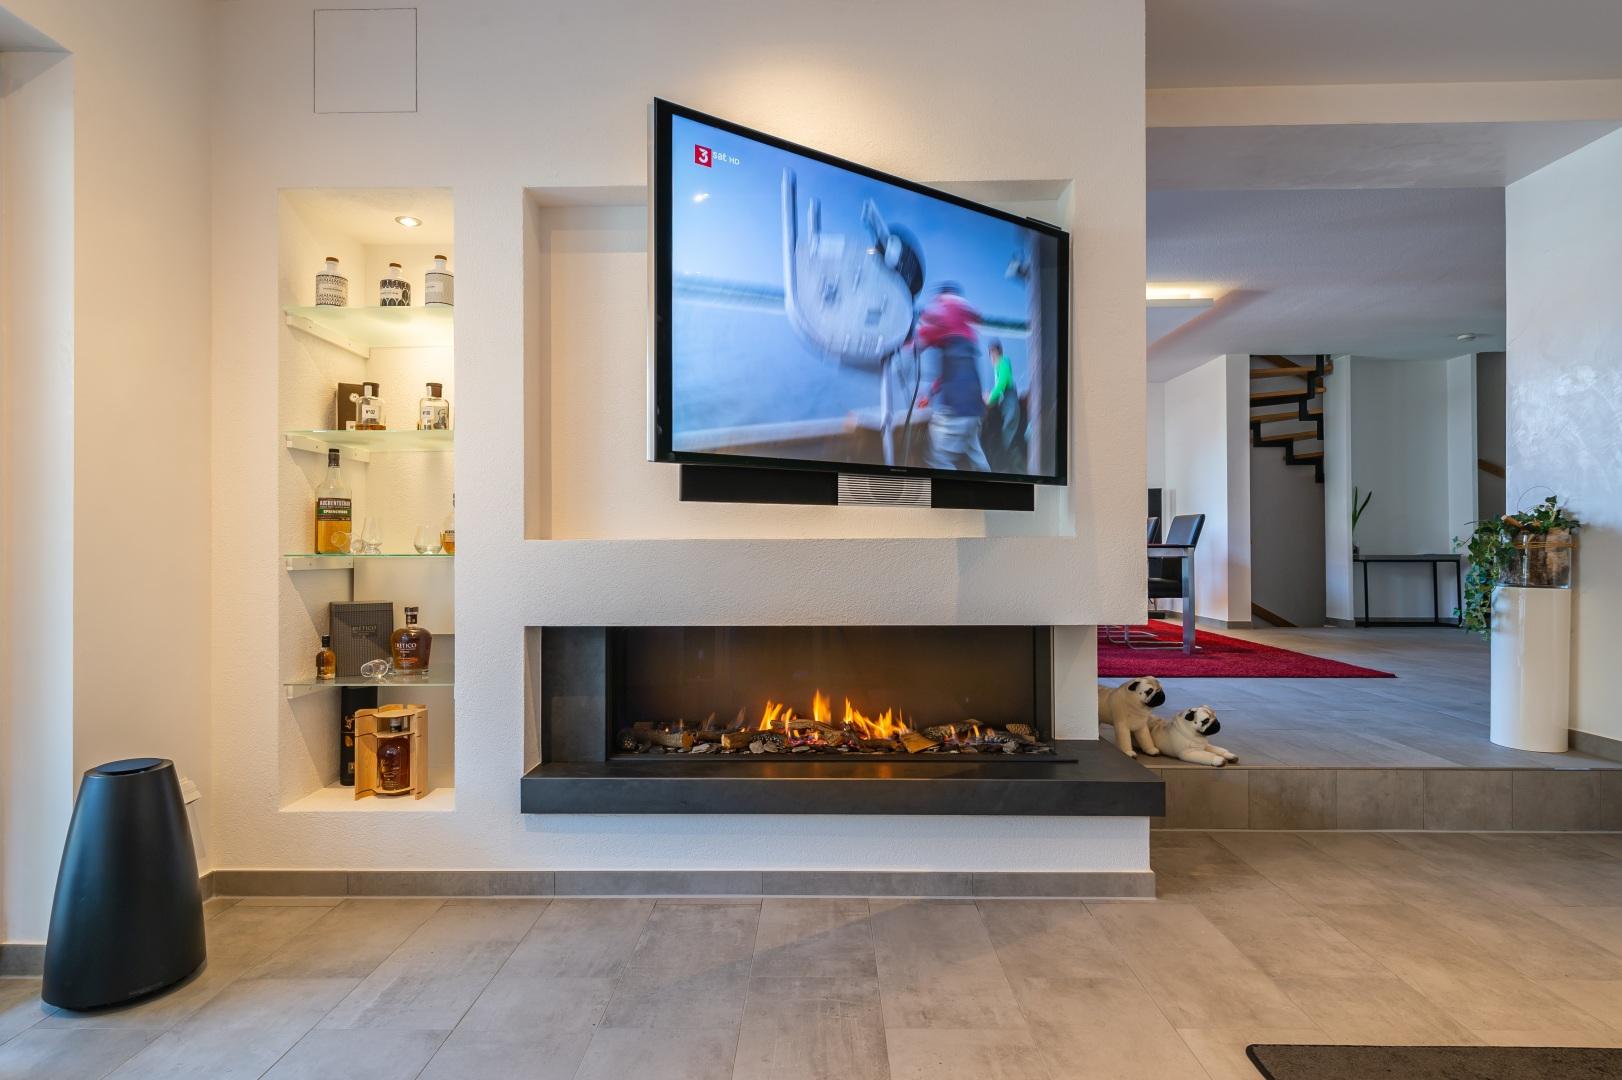 Gaskamin und Fernseher in Wand für Wohnzimmer u. Esszimmer